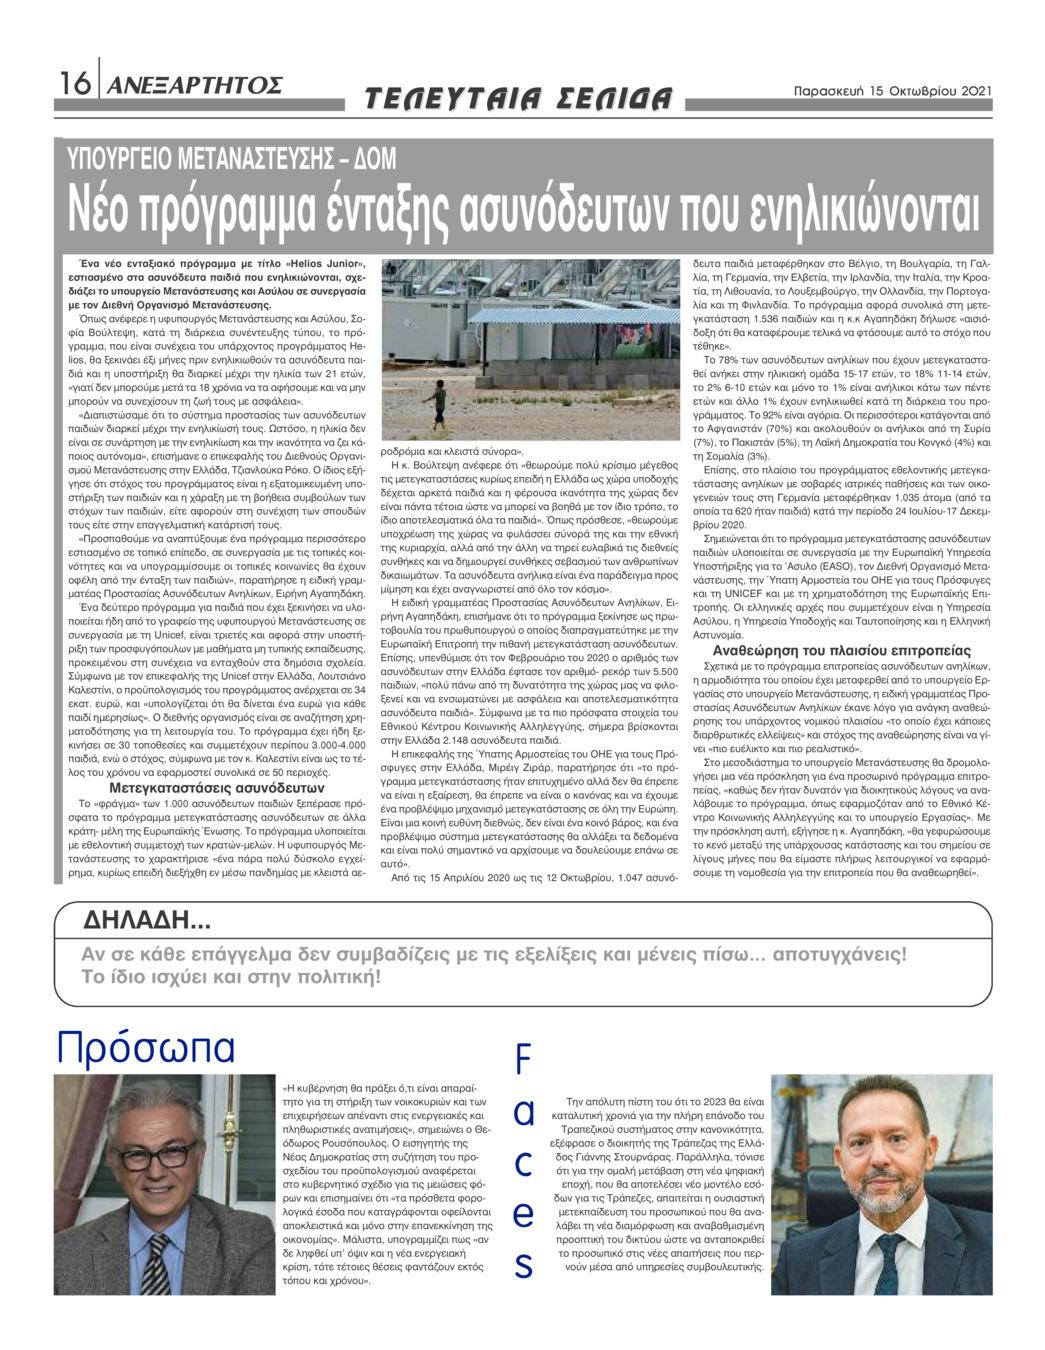 Οπισθόφυλλο εφημερίδας Ανεξάρτητος Ηπείρου